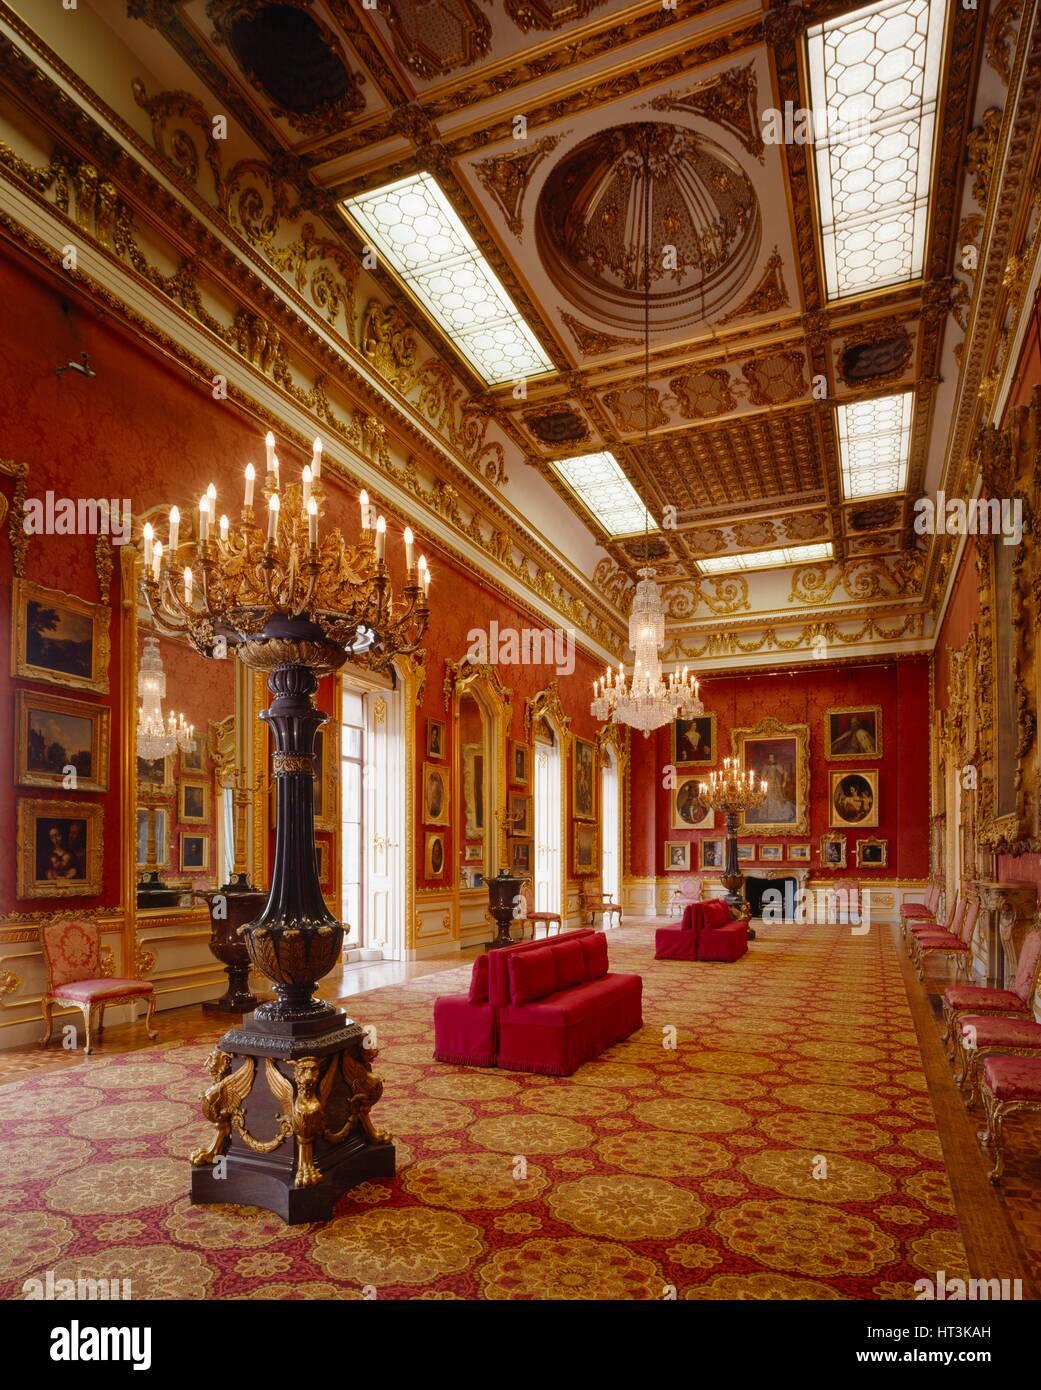 Waterloo Gallery, Apsley House, c1990-2010. Artist: Nigel Corrie. - Stock Image